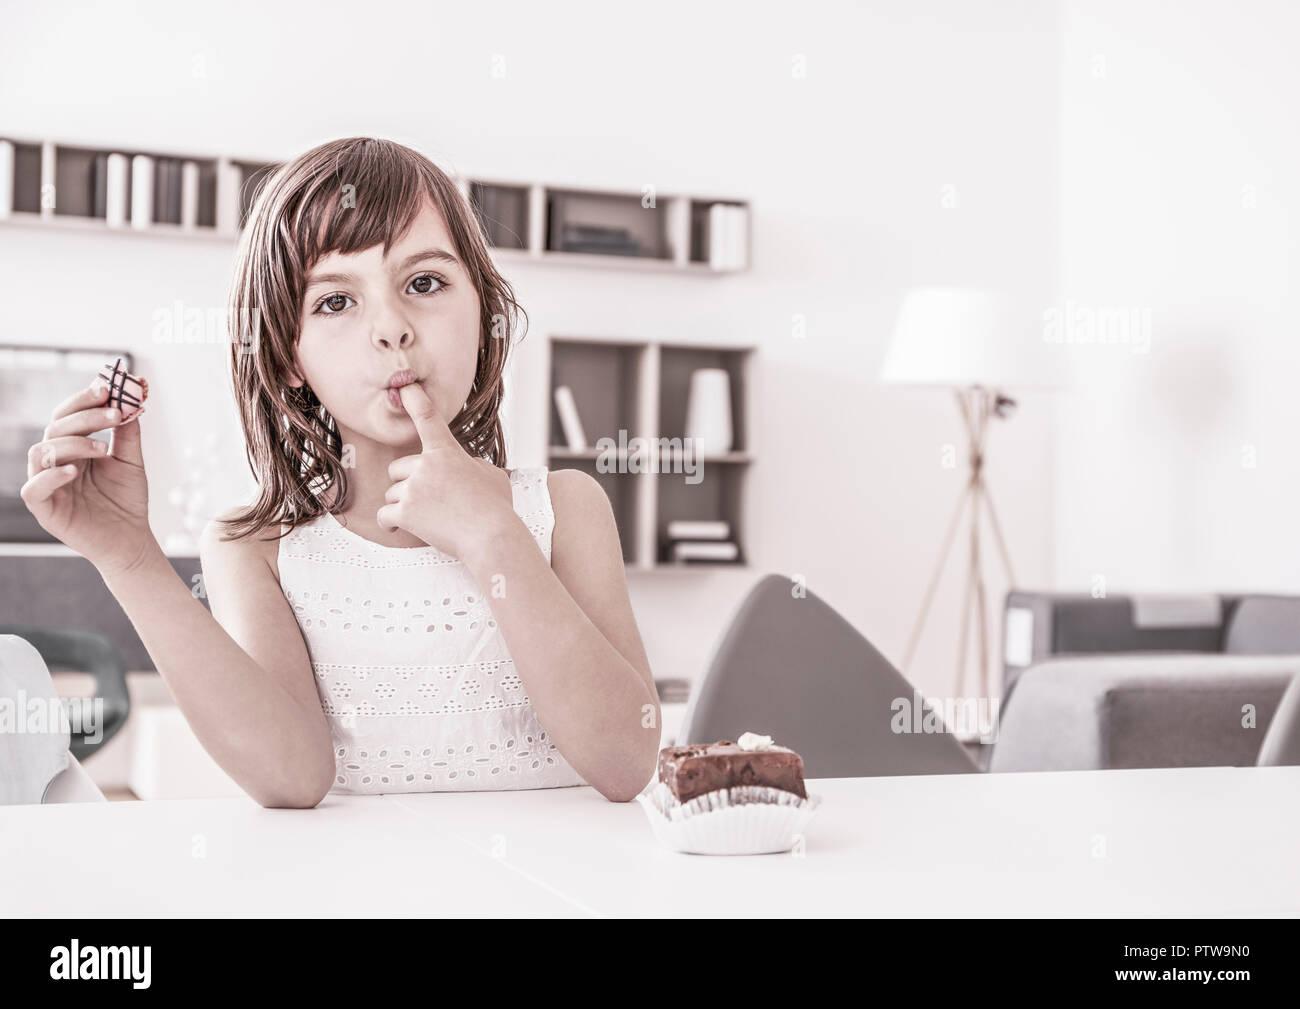 Näher Beim Pralinen Essen, Finger Im Mund (Model-Release) Stockbild